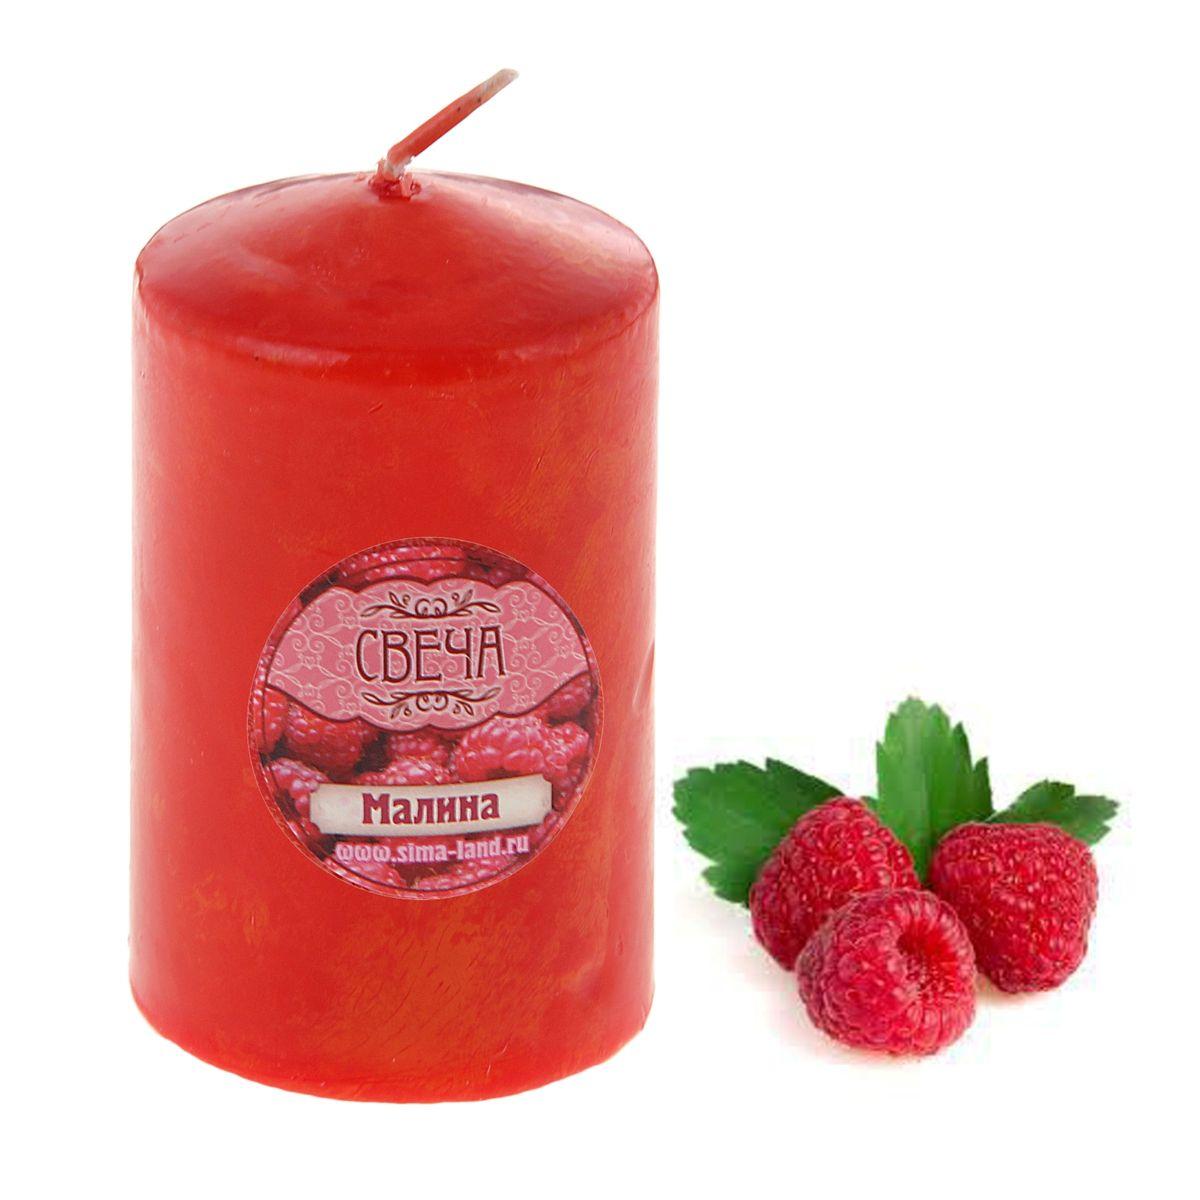 Свеча ароматизированная Sima-land Малина, цвет: красный, высота 10 см. 849604 свеча ароматизированная sima land яблоко цвет белый зеленый высота 10 см 849589